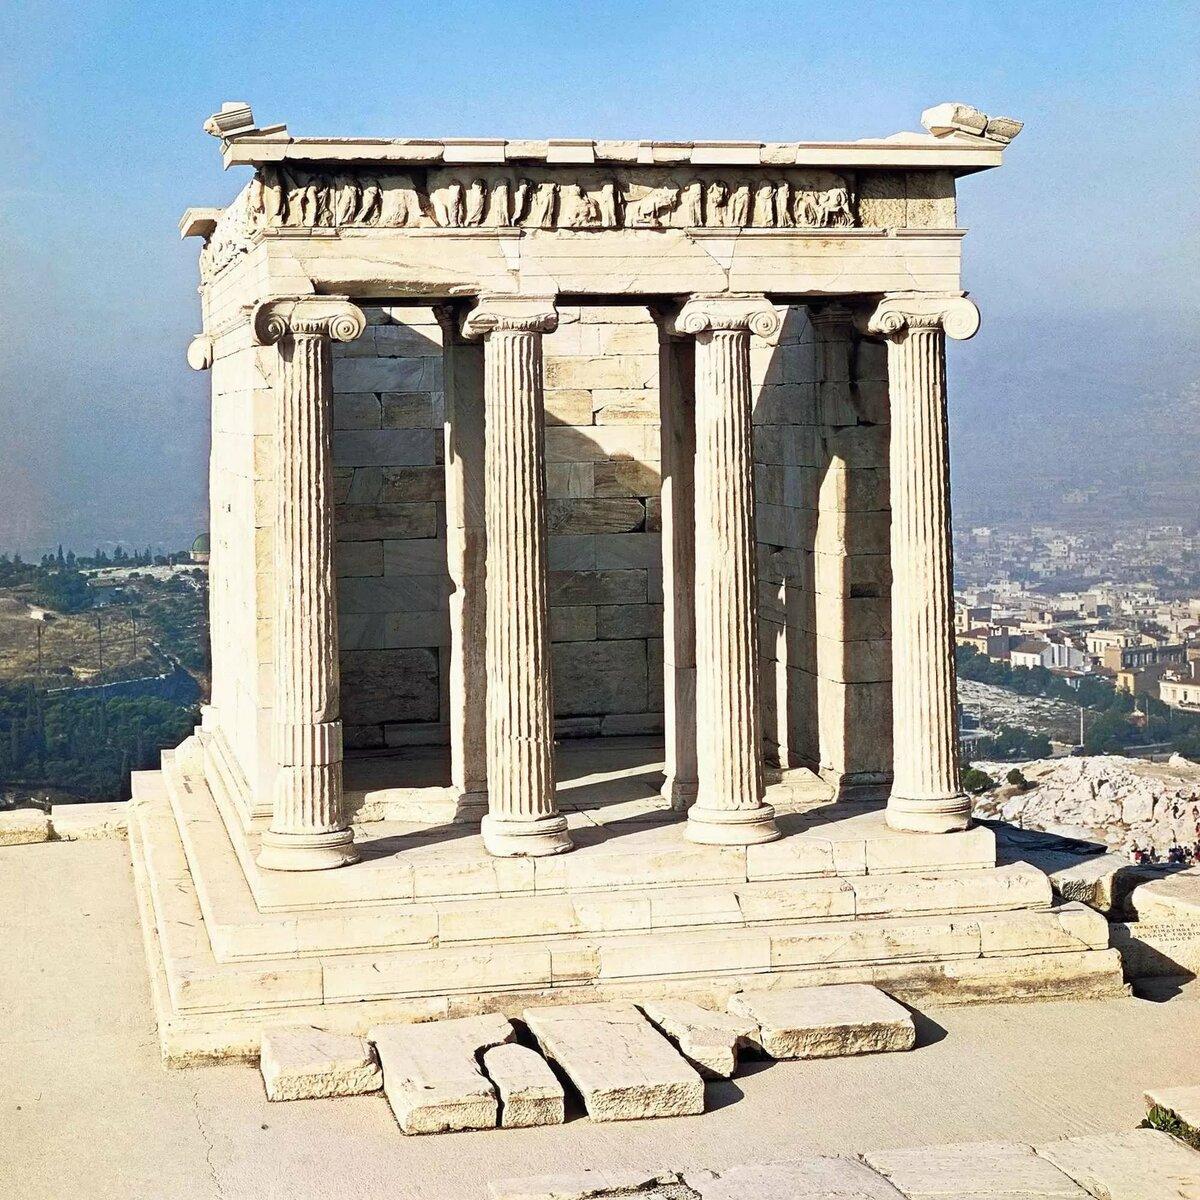 веревке над картинки архитектуры древней греции тем, кто